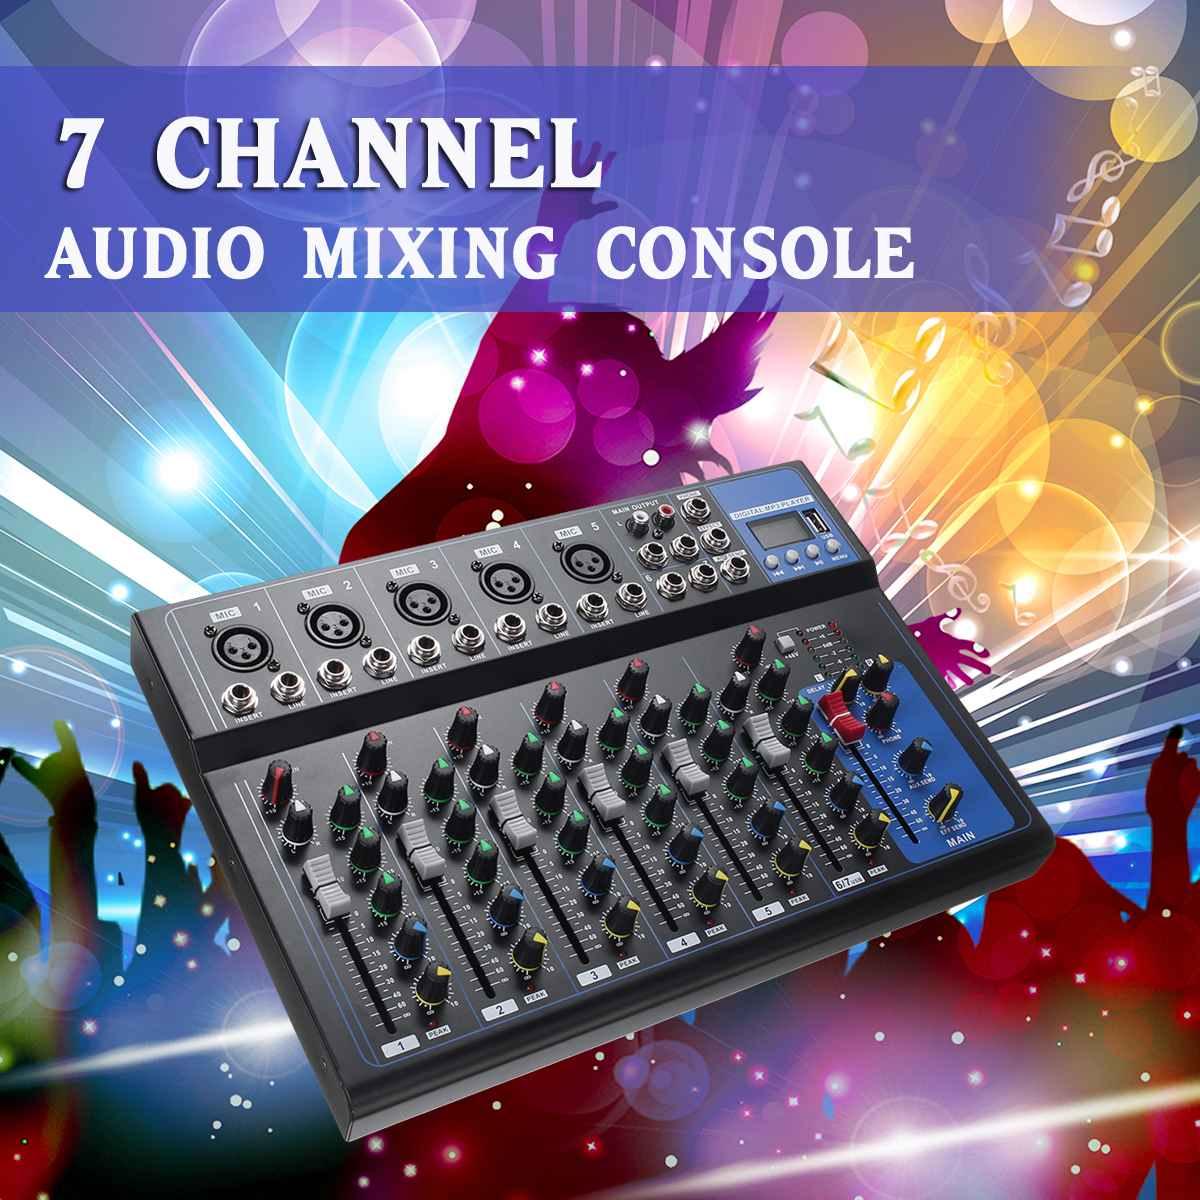 CLAITE table de mixage Audio Bluetooth avec USB DJ Console de mixage sonore prise MP3 7 canaux karaoké 48V amplificateur karaoké KTV Match fête